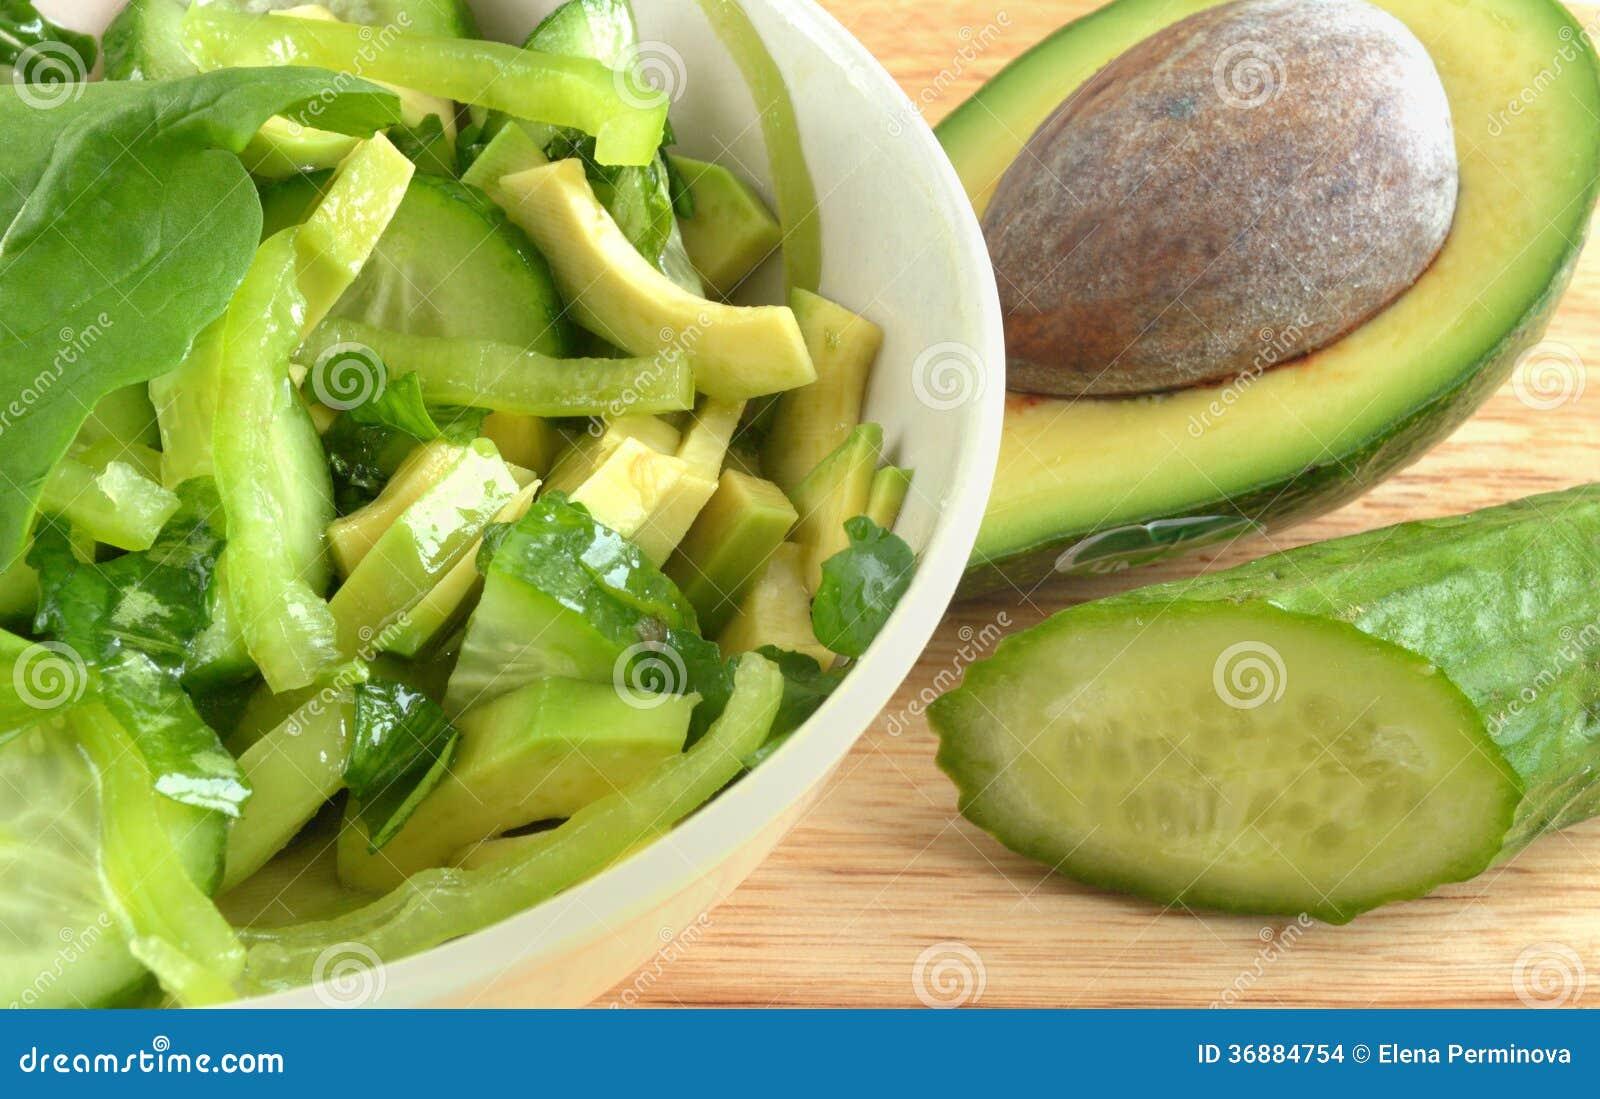 Download Insalata Dell'avocado E Del Cetriolo Fotografia Stock - Immagine di ricette, d0: 36884754